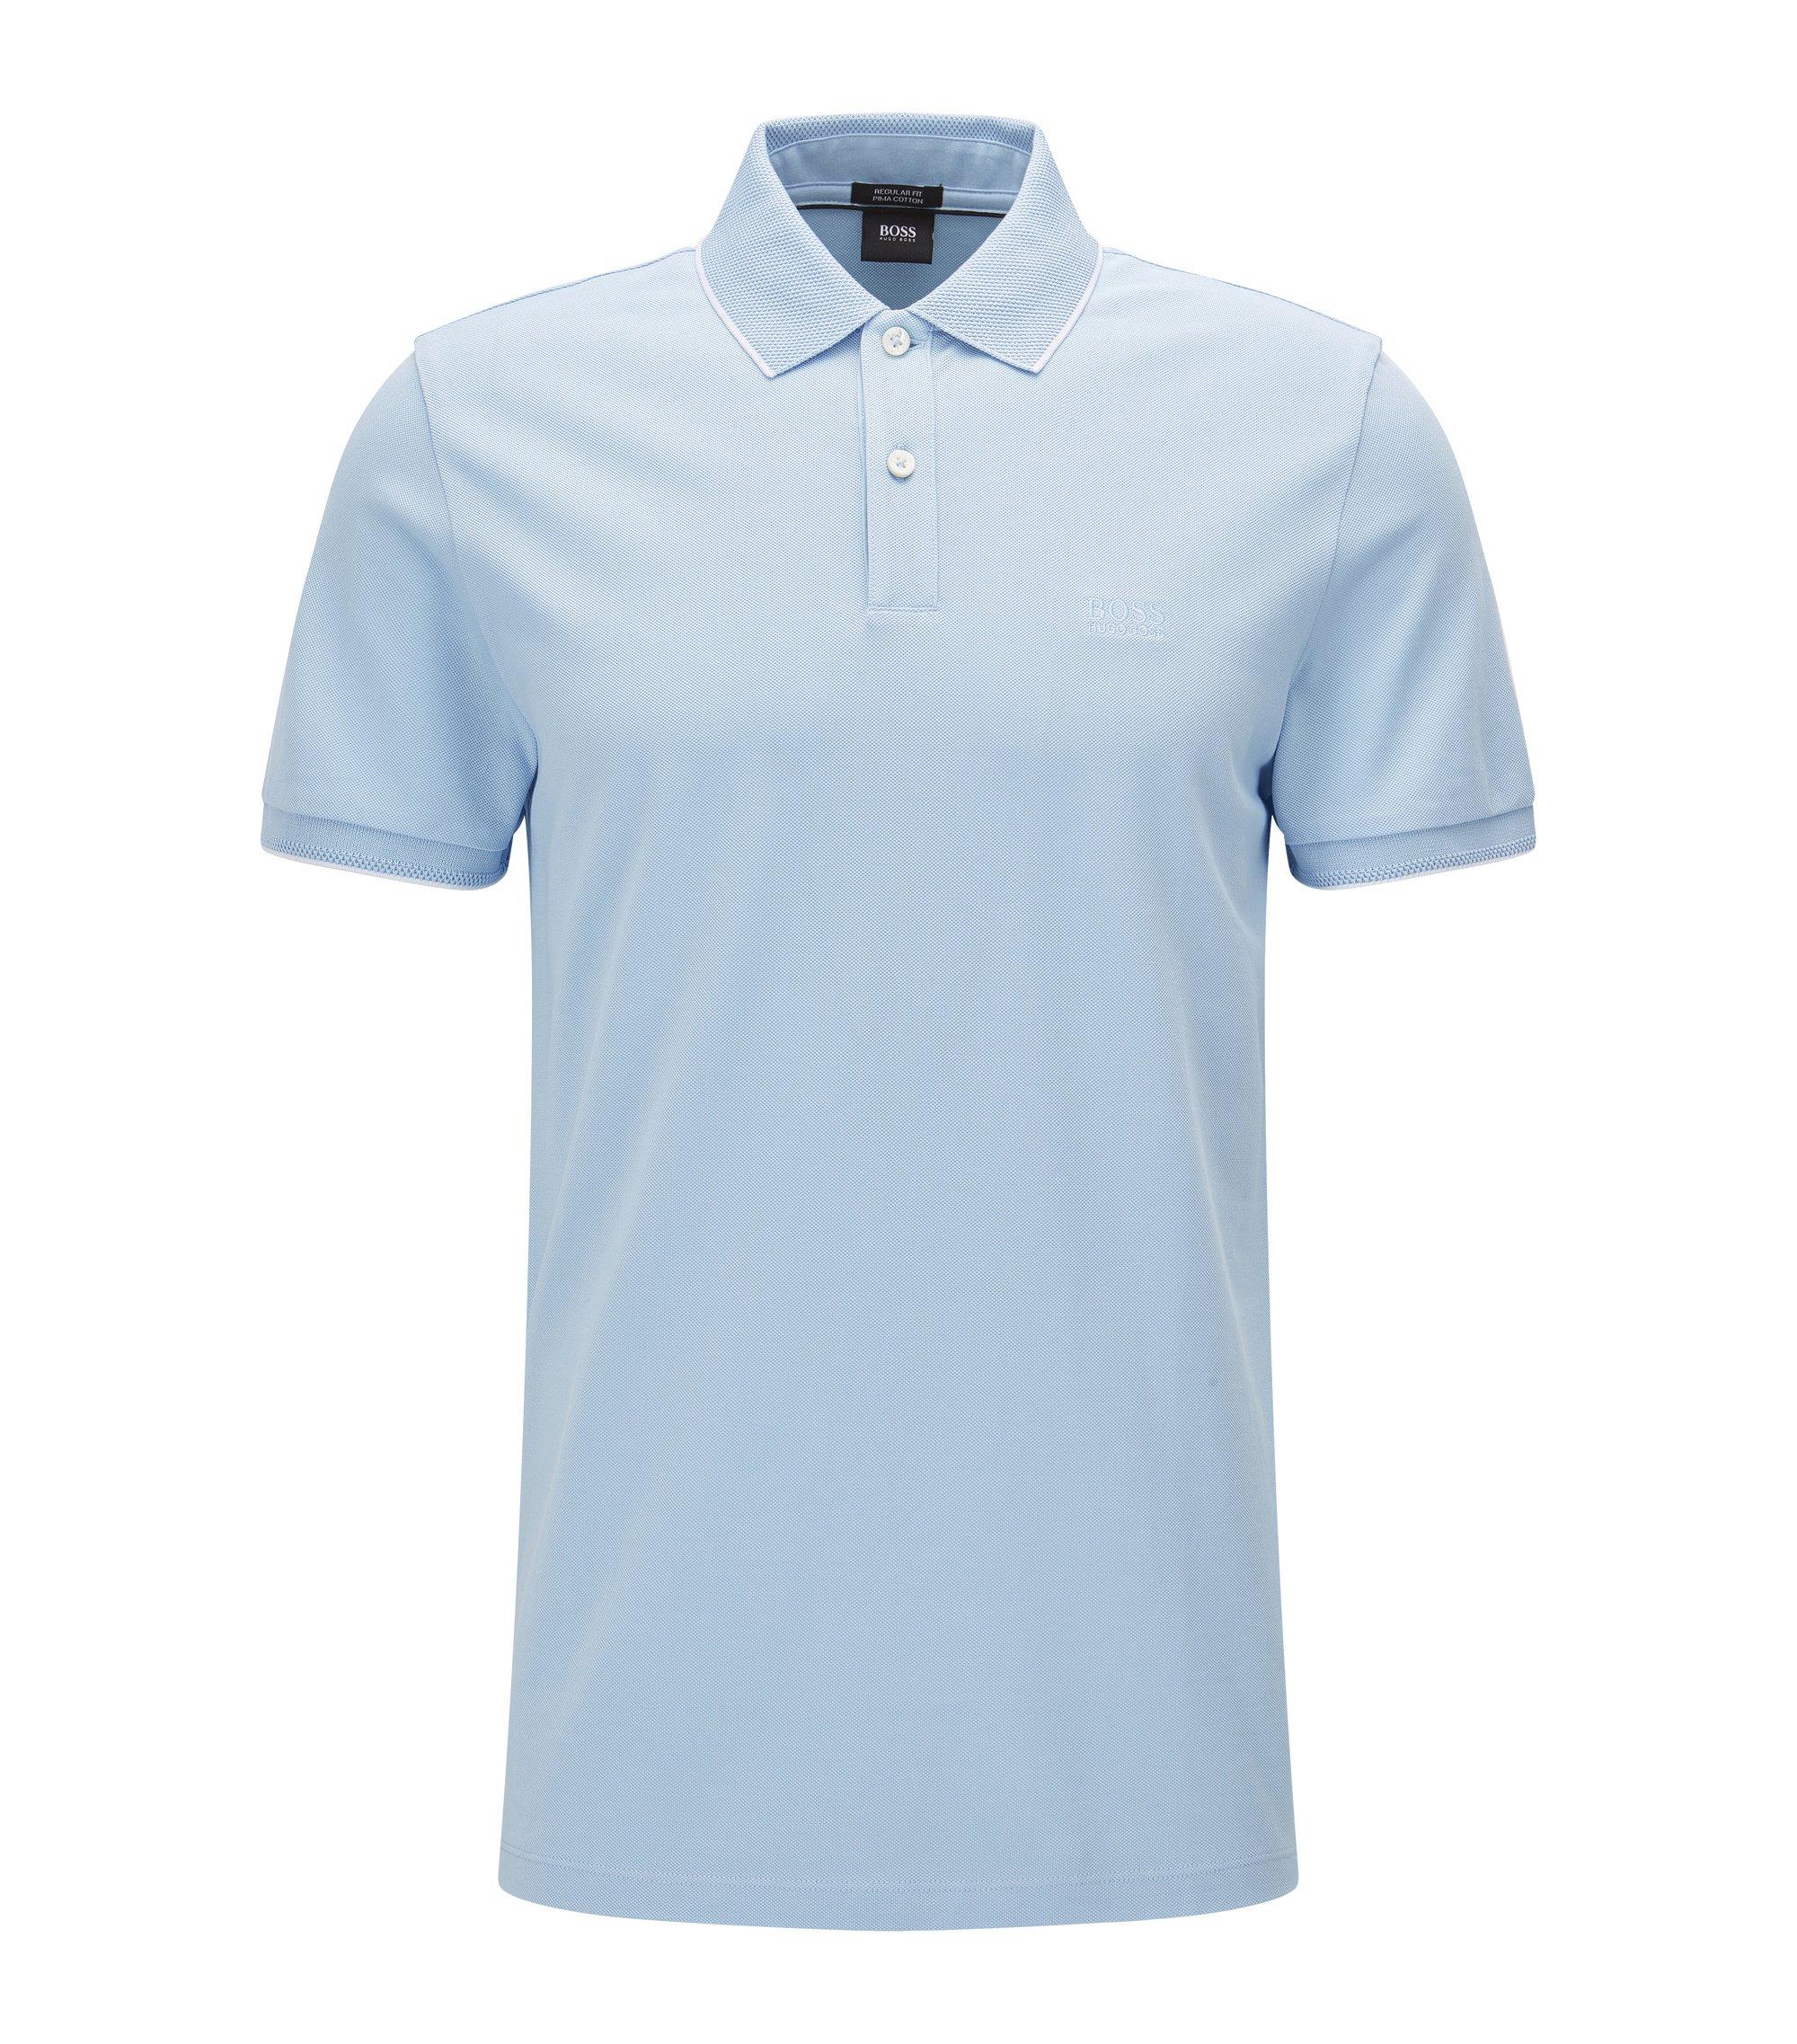 Regular-Fit Poloshirt aus Baumwolle mit kontrastfarbener Einfassung, Dunkelblau